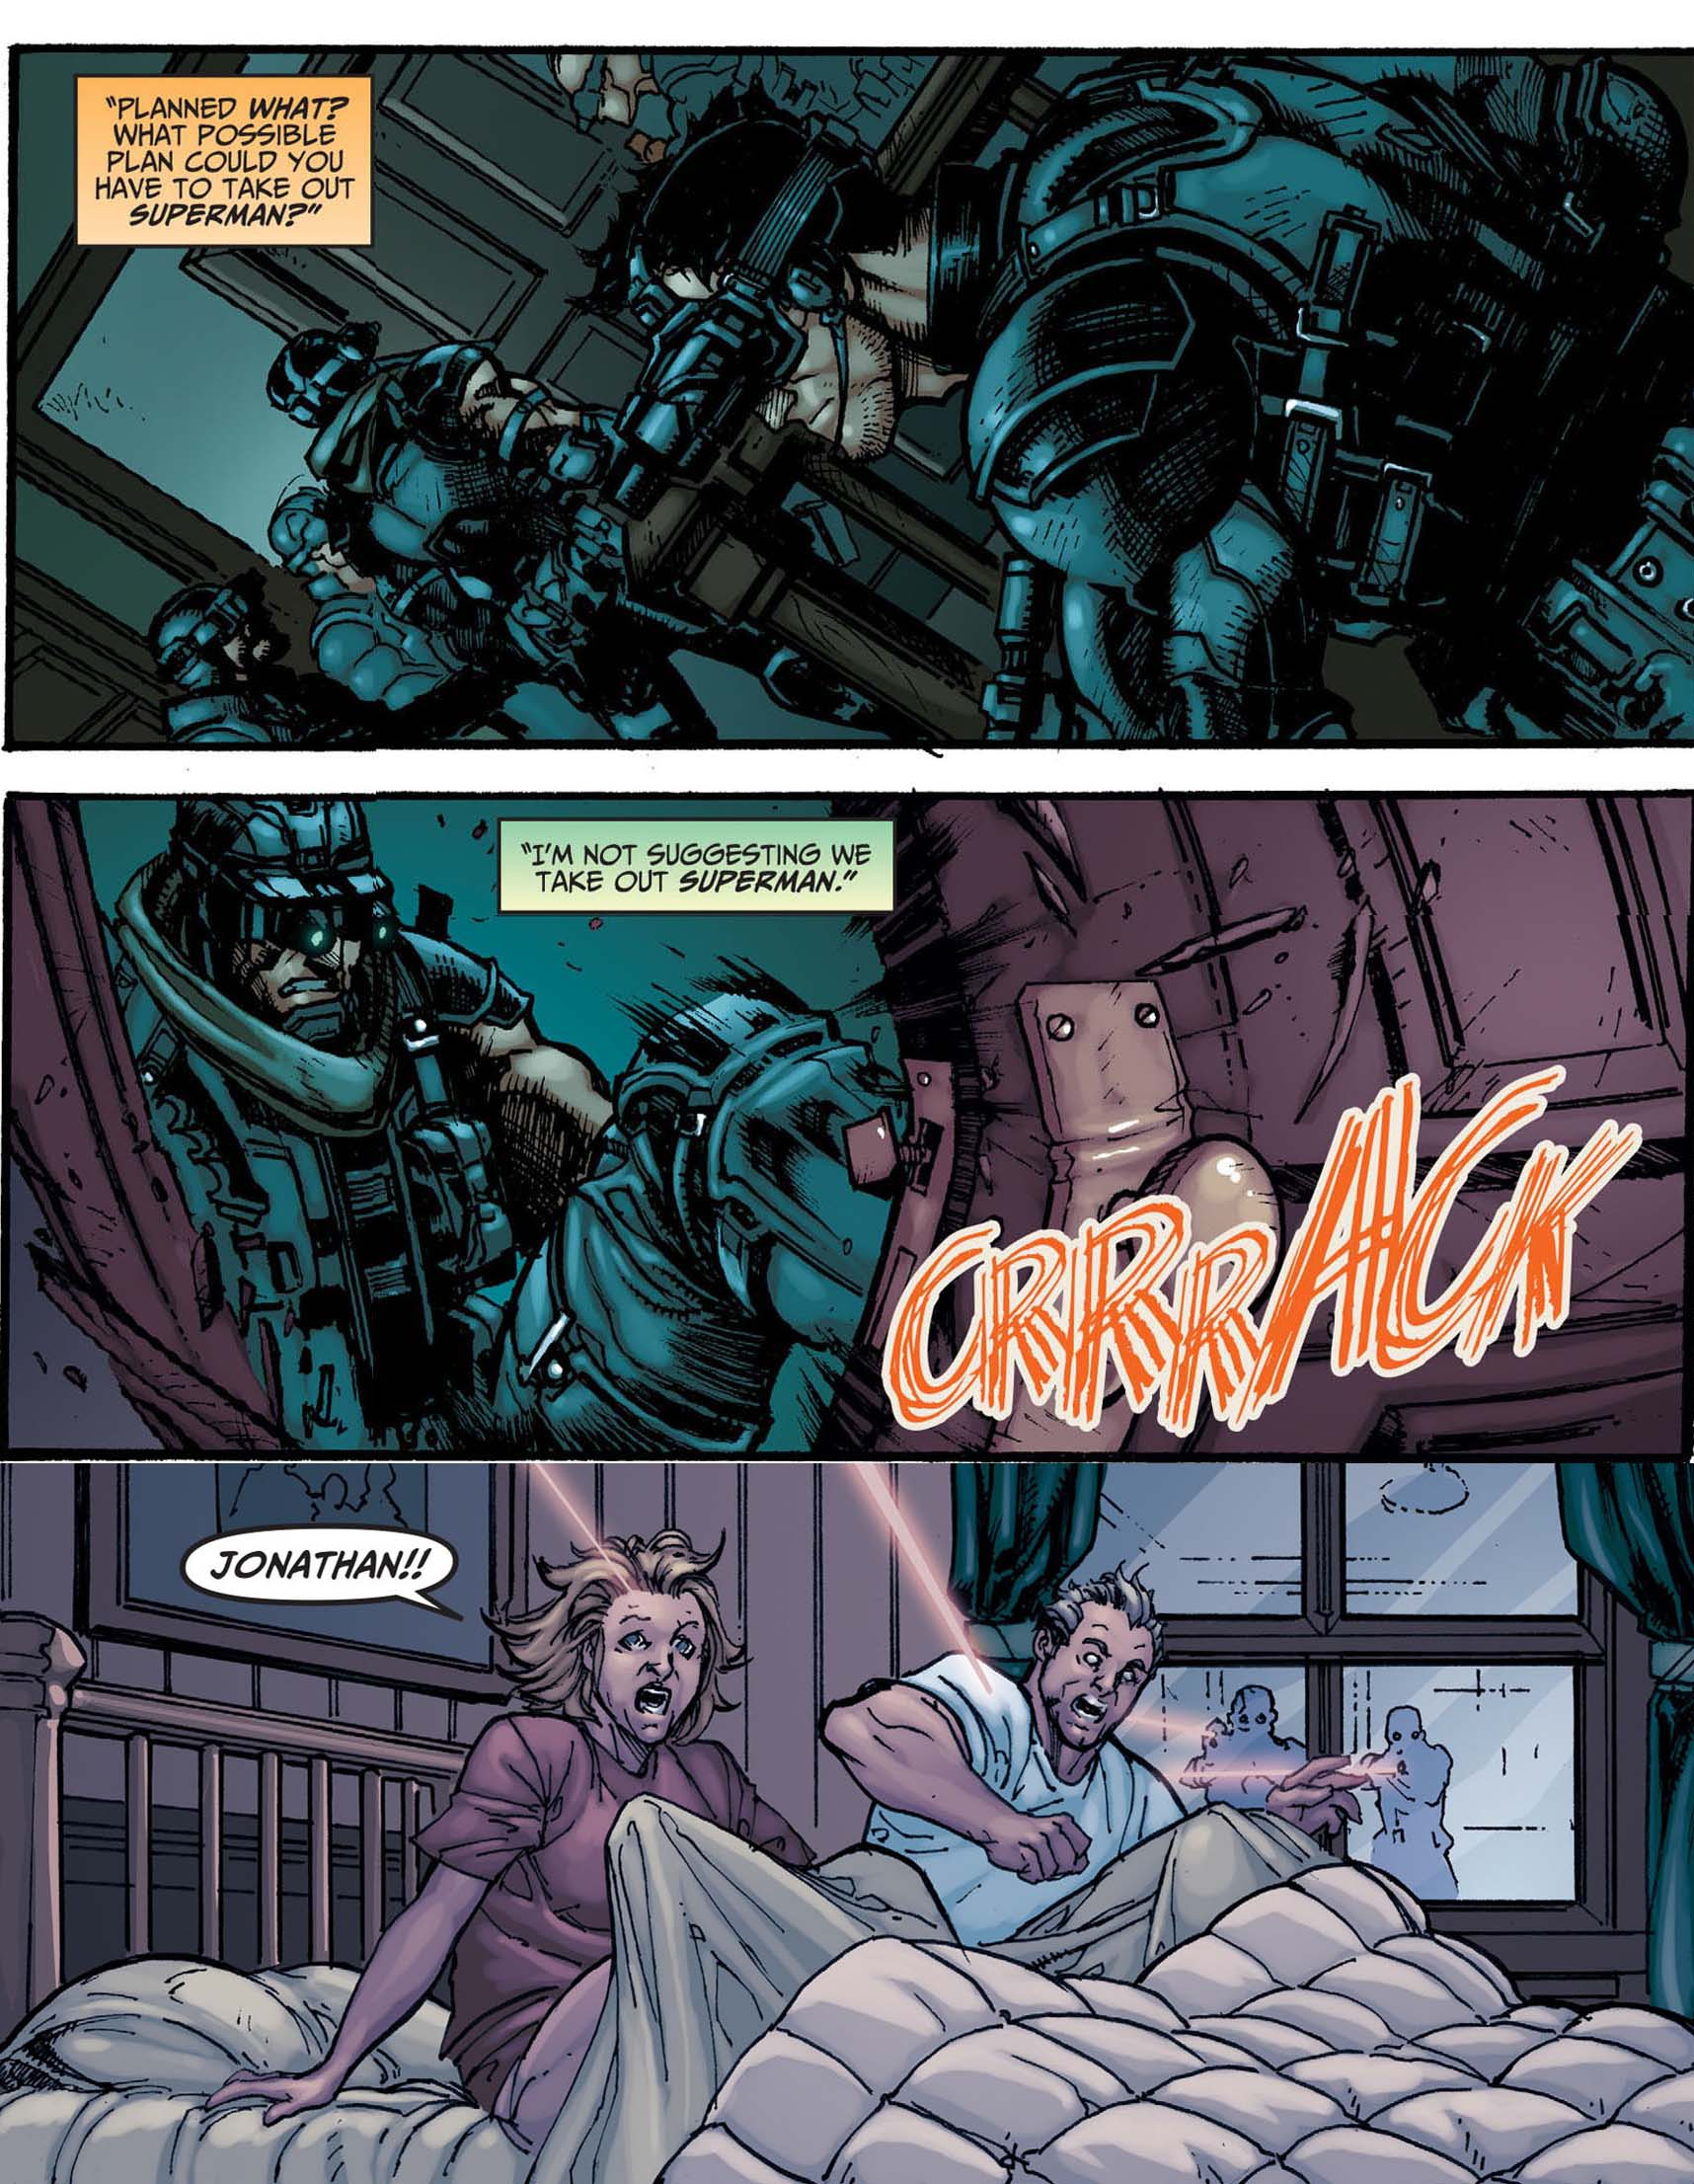 clark kent's weakness 2